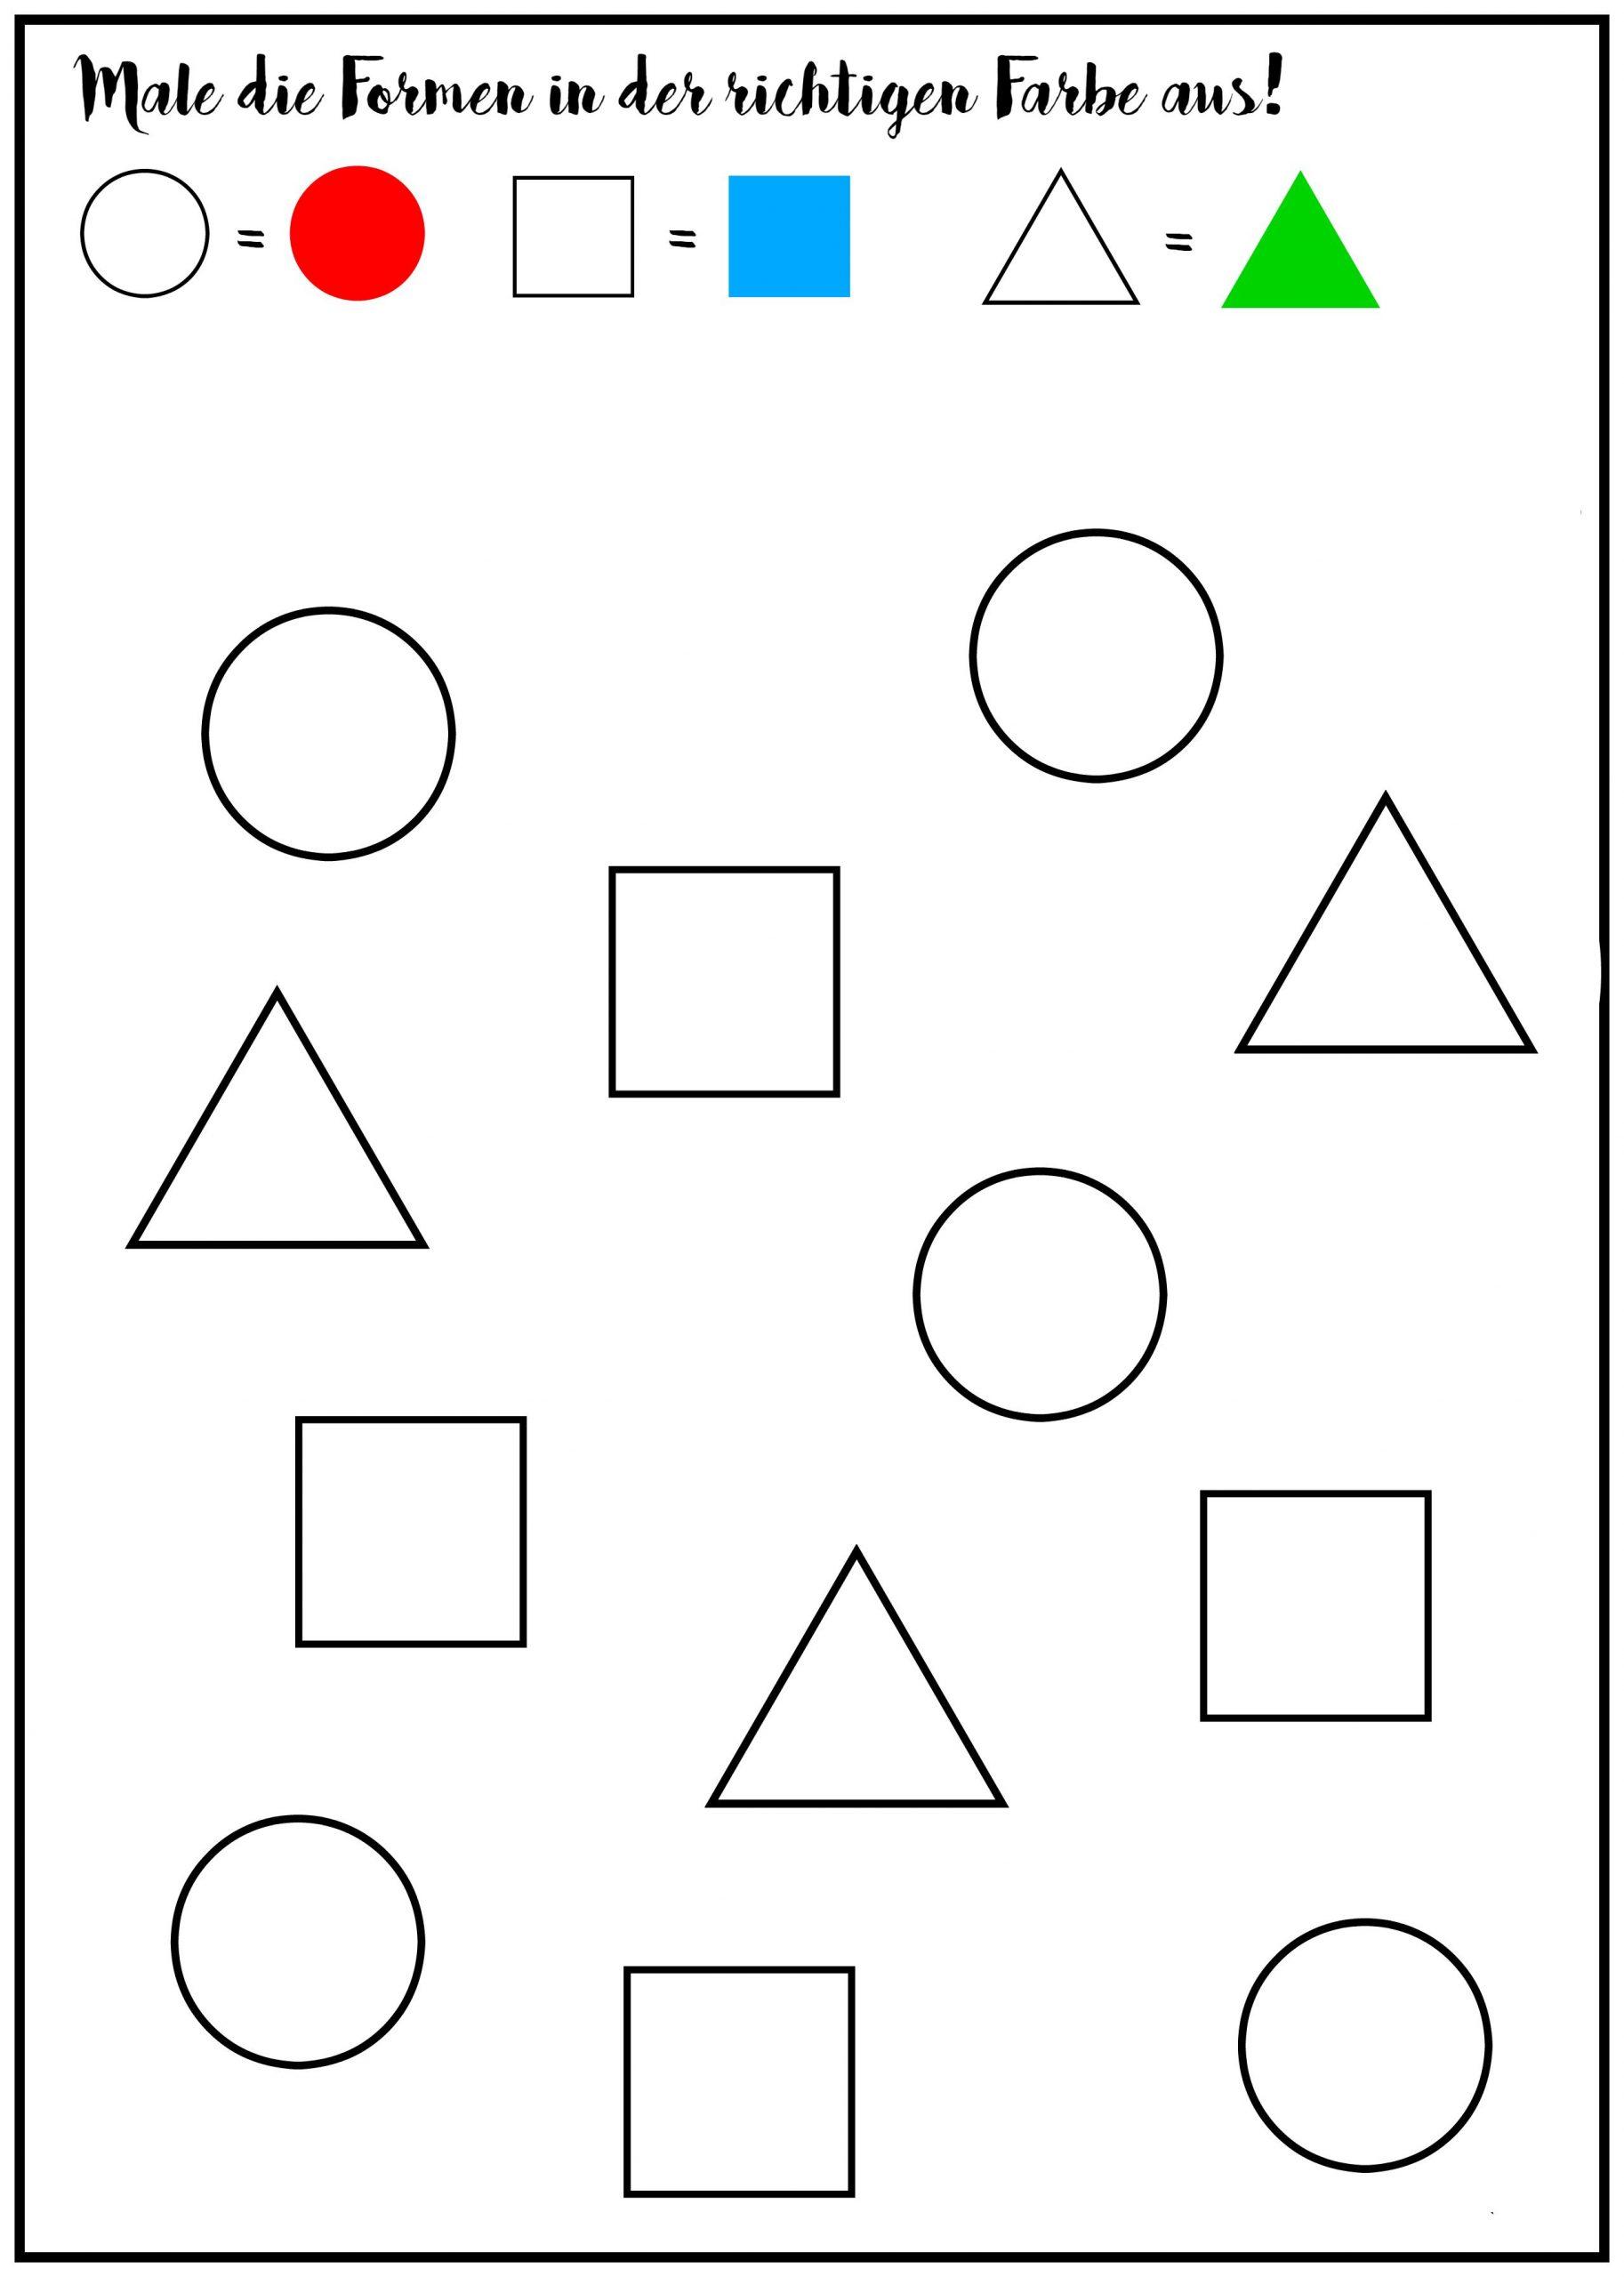 Mach Mal! Rätsel Für Kinder [Free Printable] | Ich Und Du bei Rätsel Für Kinder Zum Ausdrucken